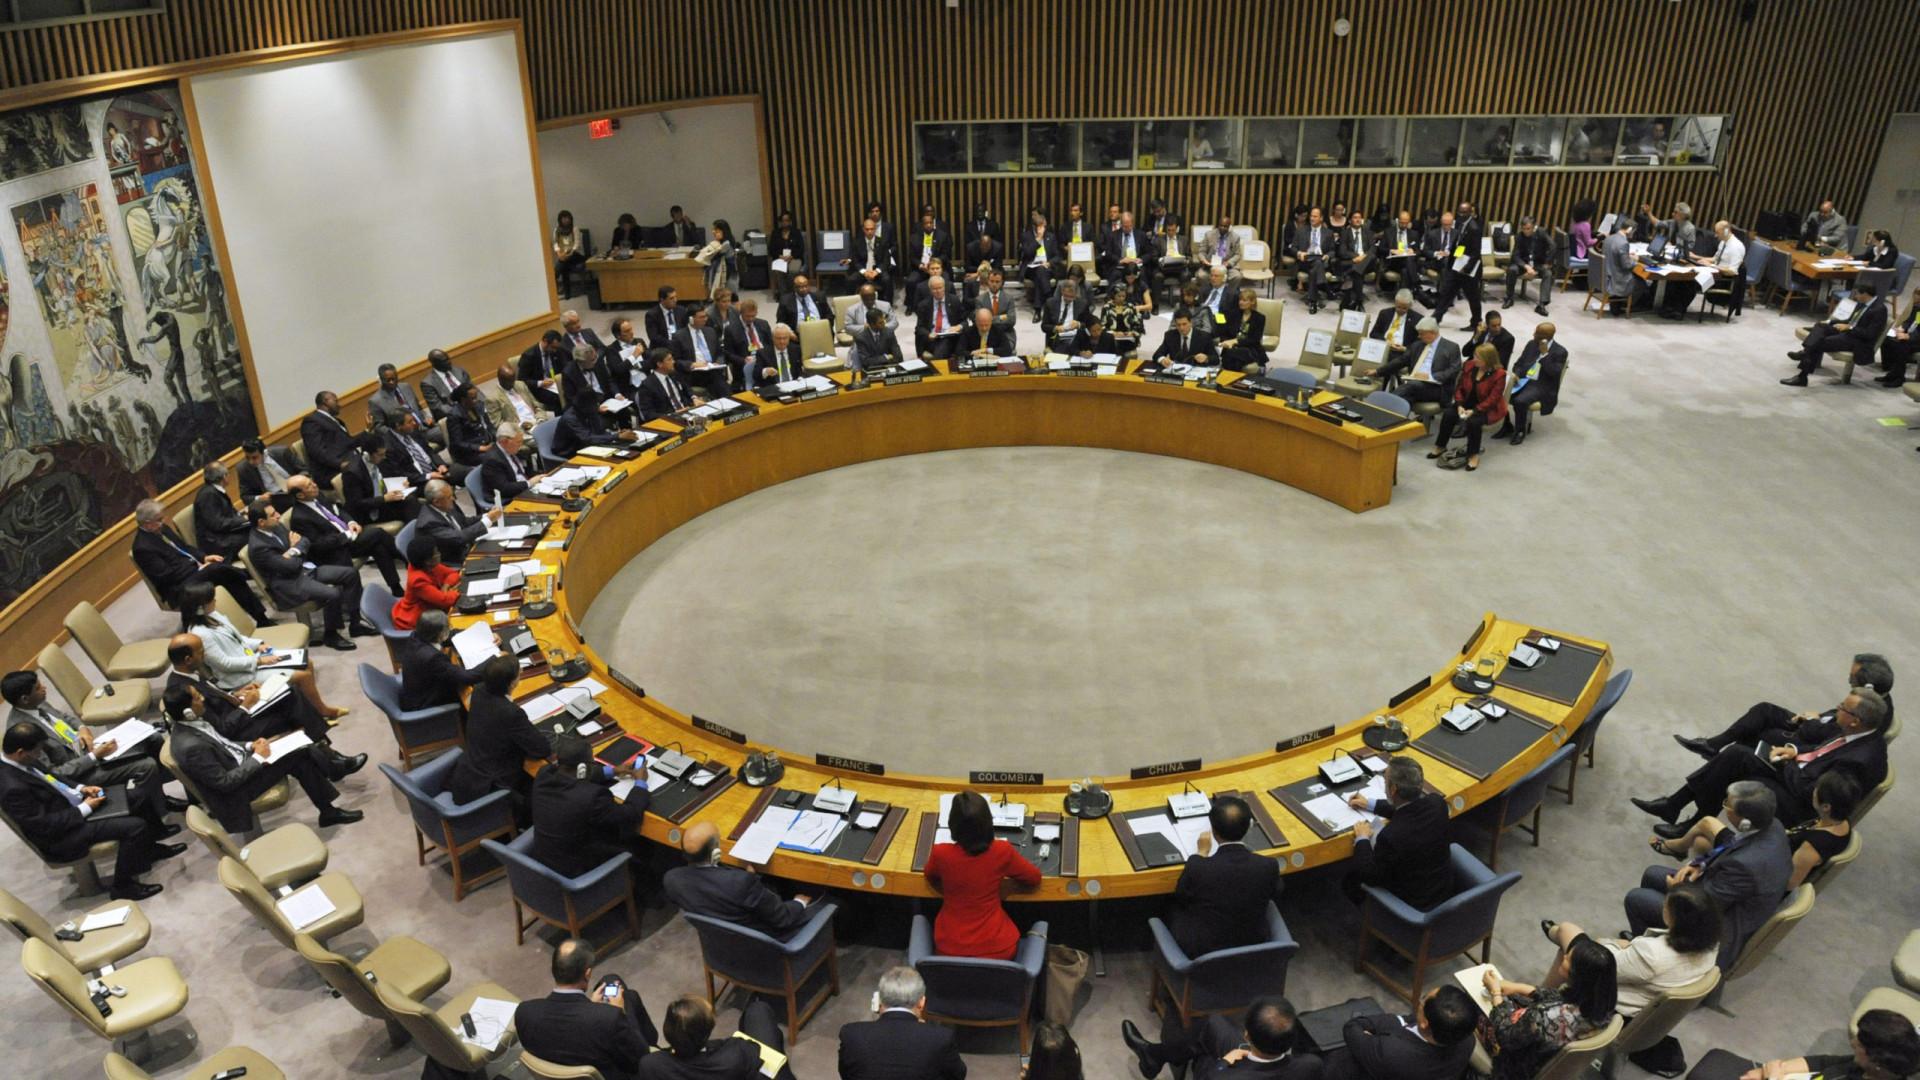 Condenada incitação a ódio religioso na República Centro-Africana